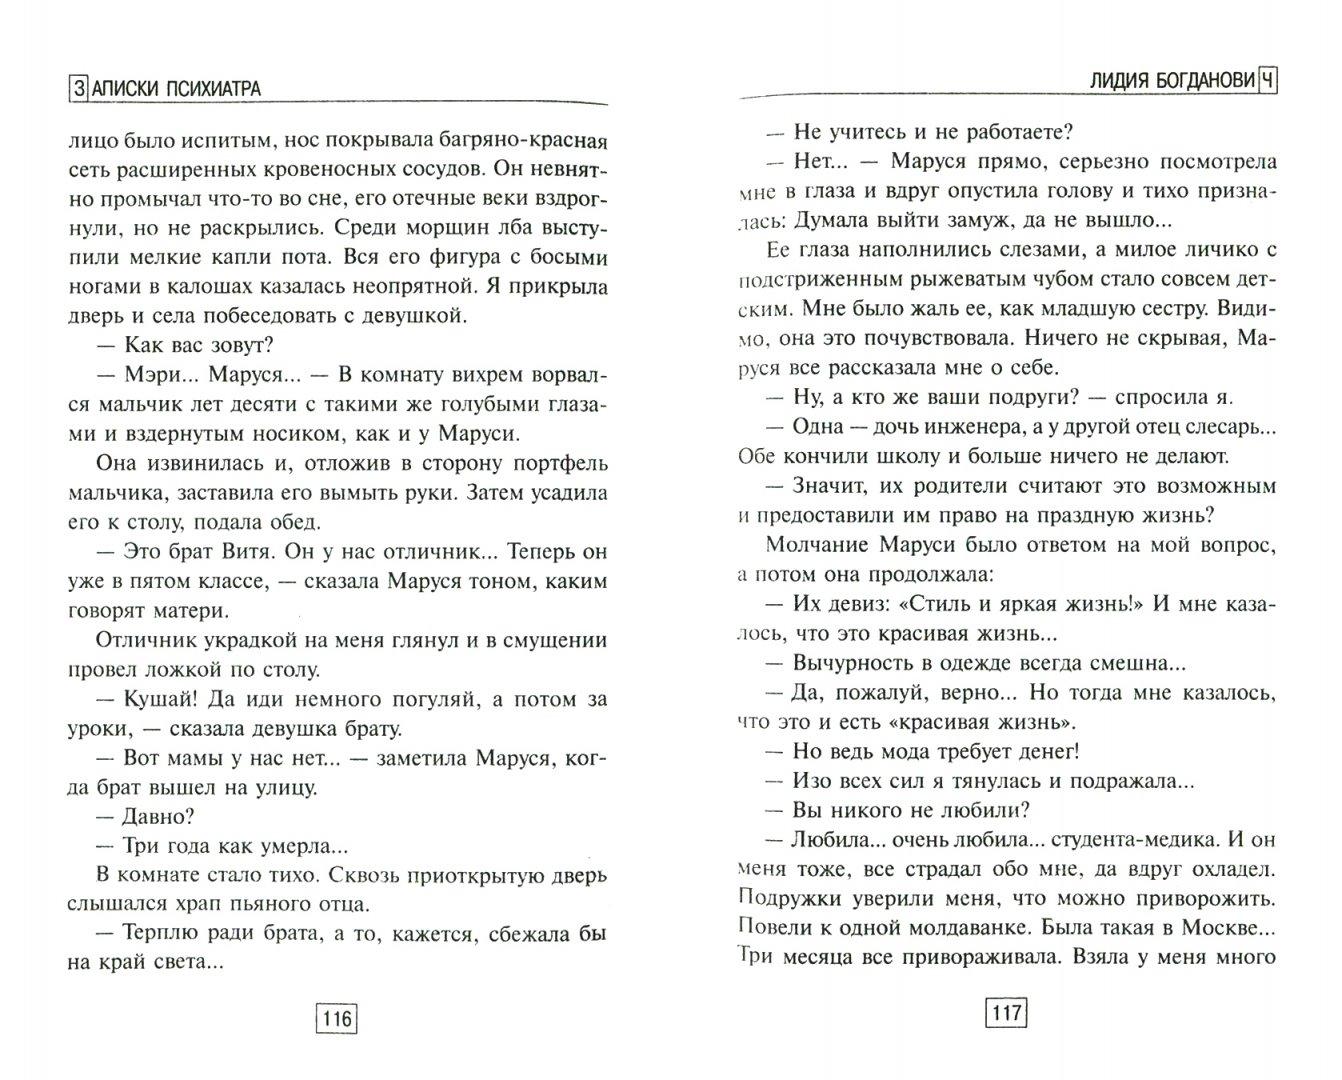 Иллюстрация 1 из 20 для Записки психиатра - Лидия Богданович   Лабиринт - книги. Источник: Лабиринт